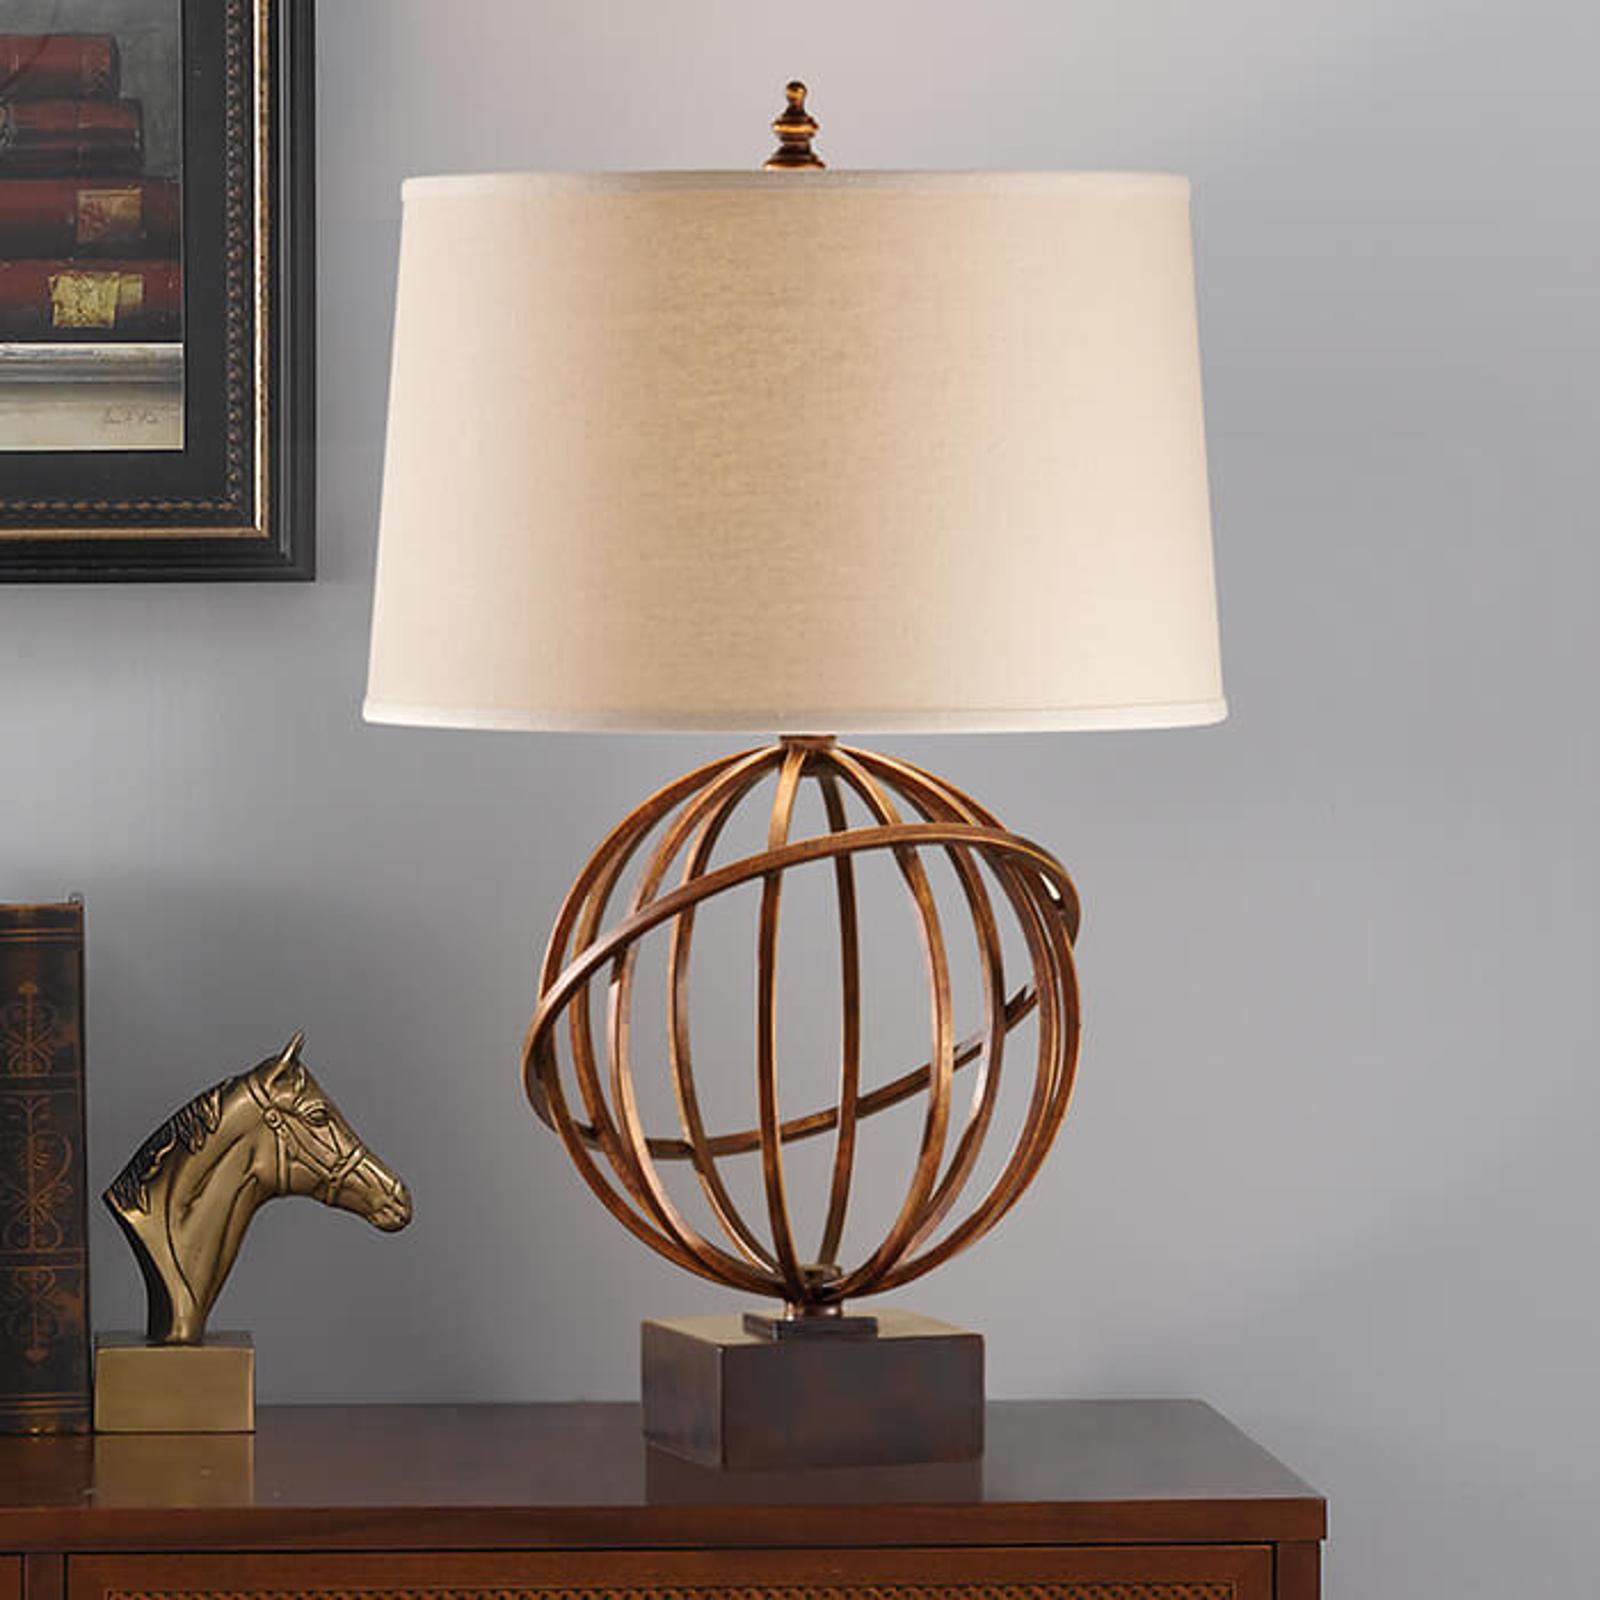 Toppdesignet stoff-bordlampe Spencer